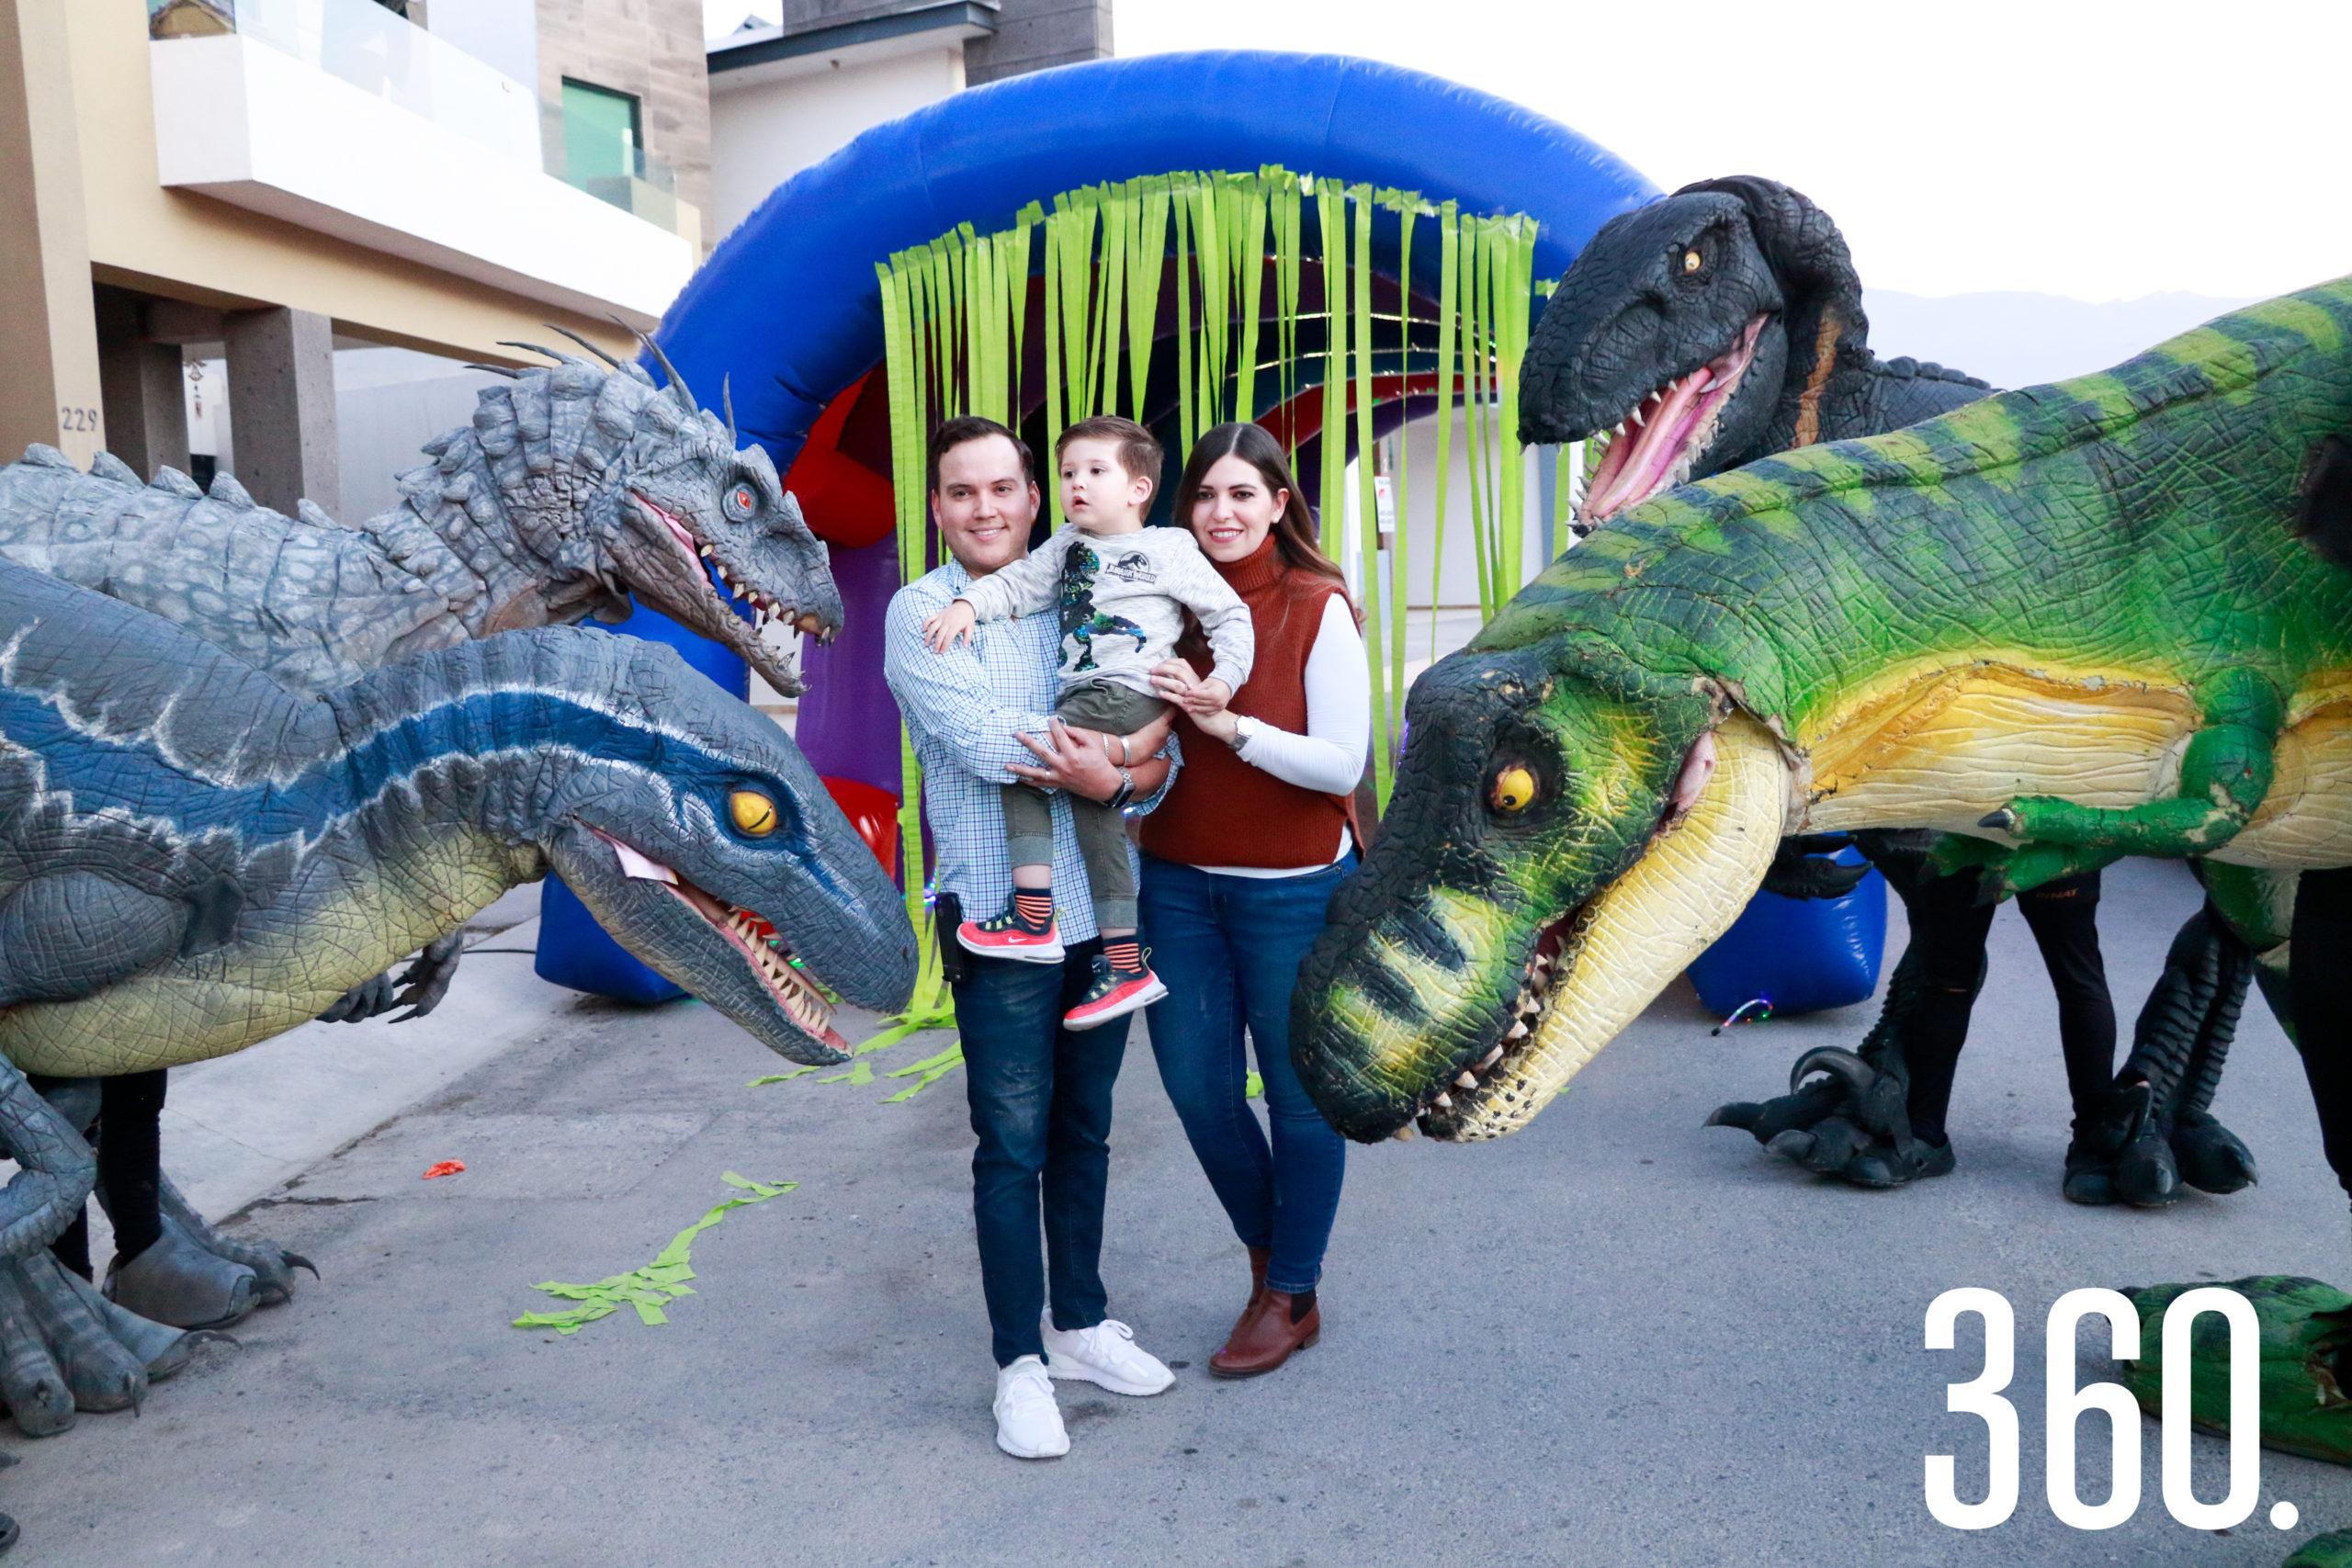 Roberto con los dinosaurios.